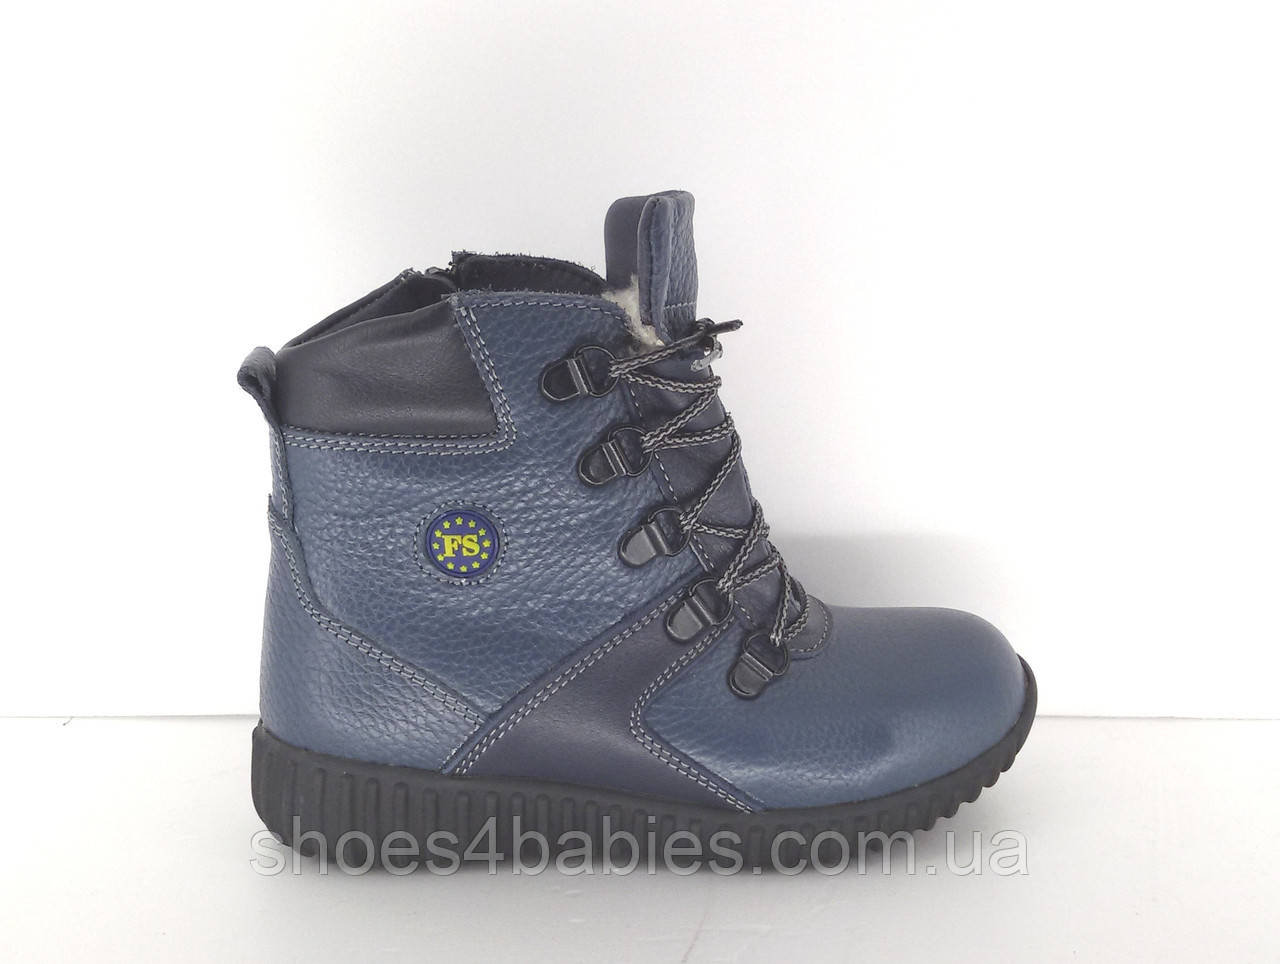 Детские зимние ботинки кожаные FS р. 27